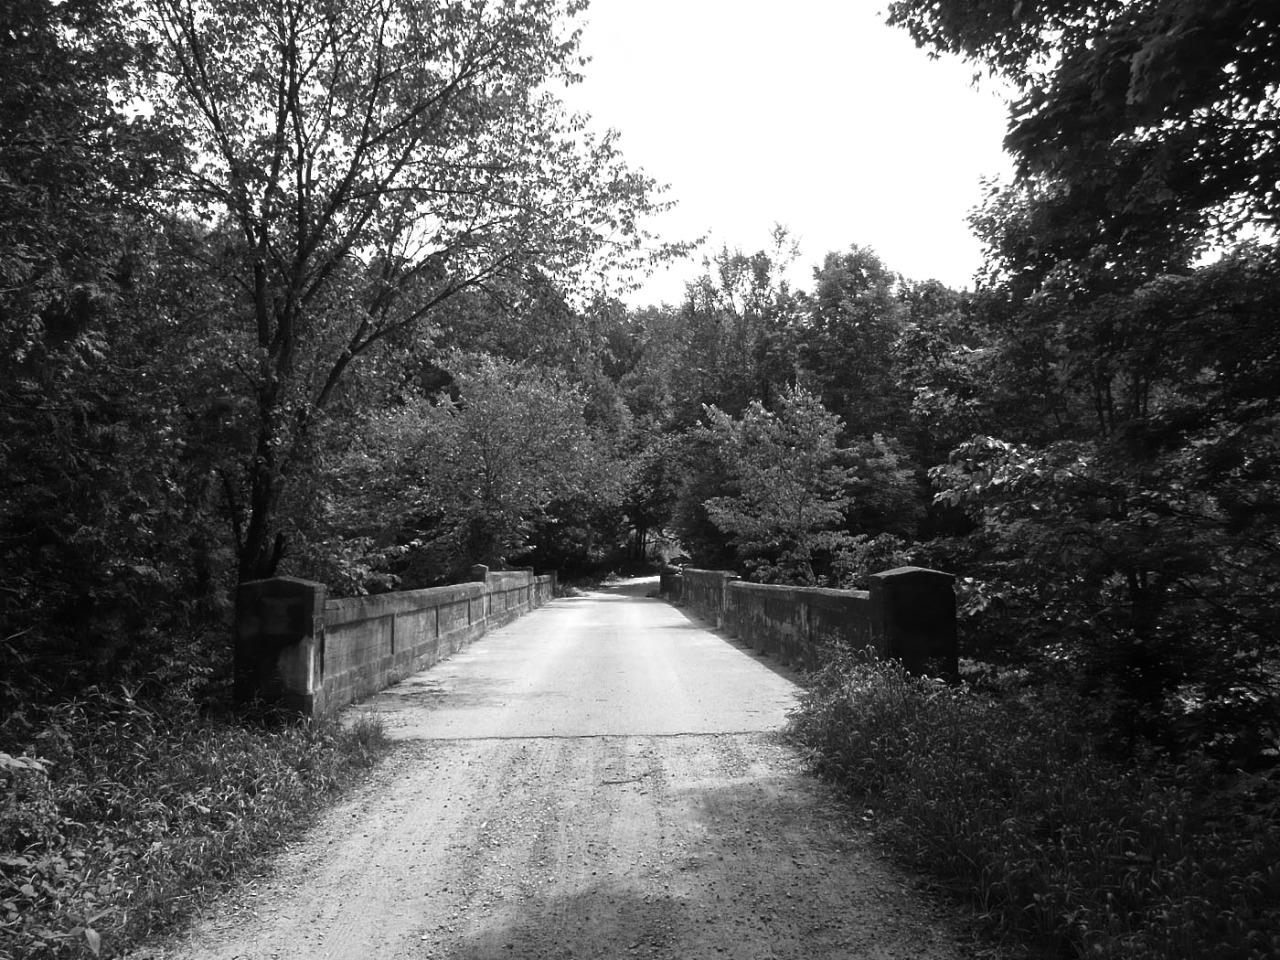 Glanmire Bridge